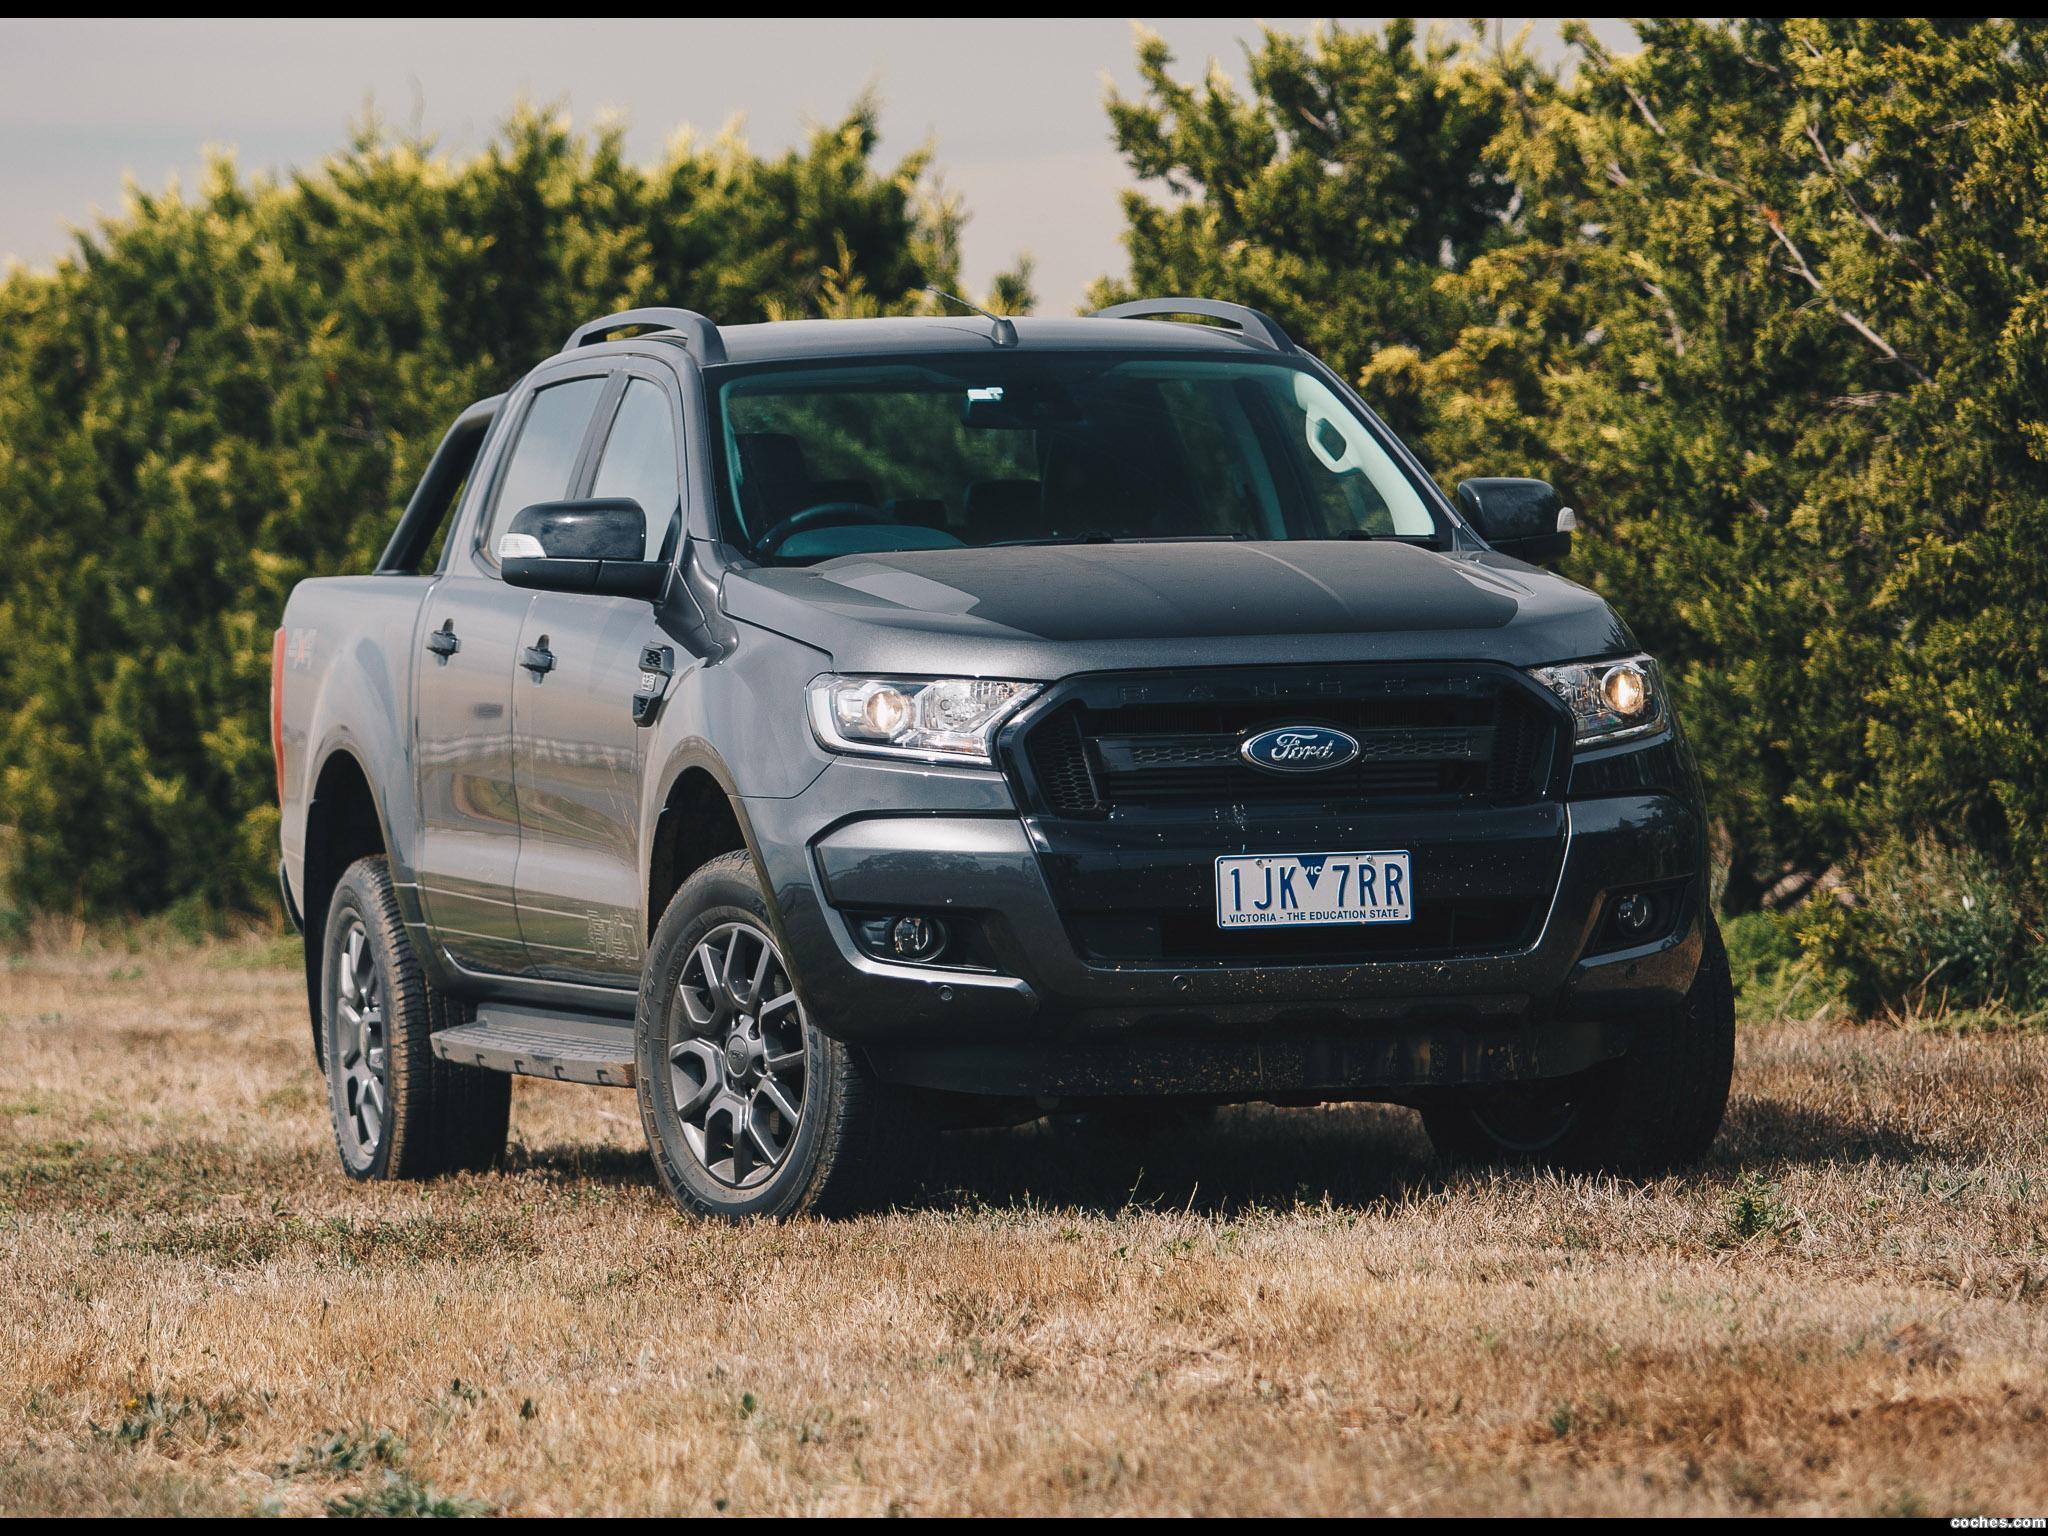 Foto 1 de Ford Ranger Double Cab FX4 Australia 2017